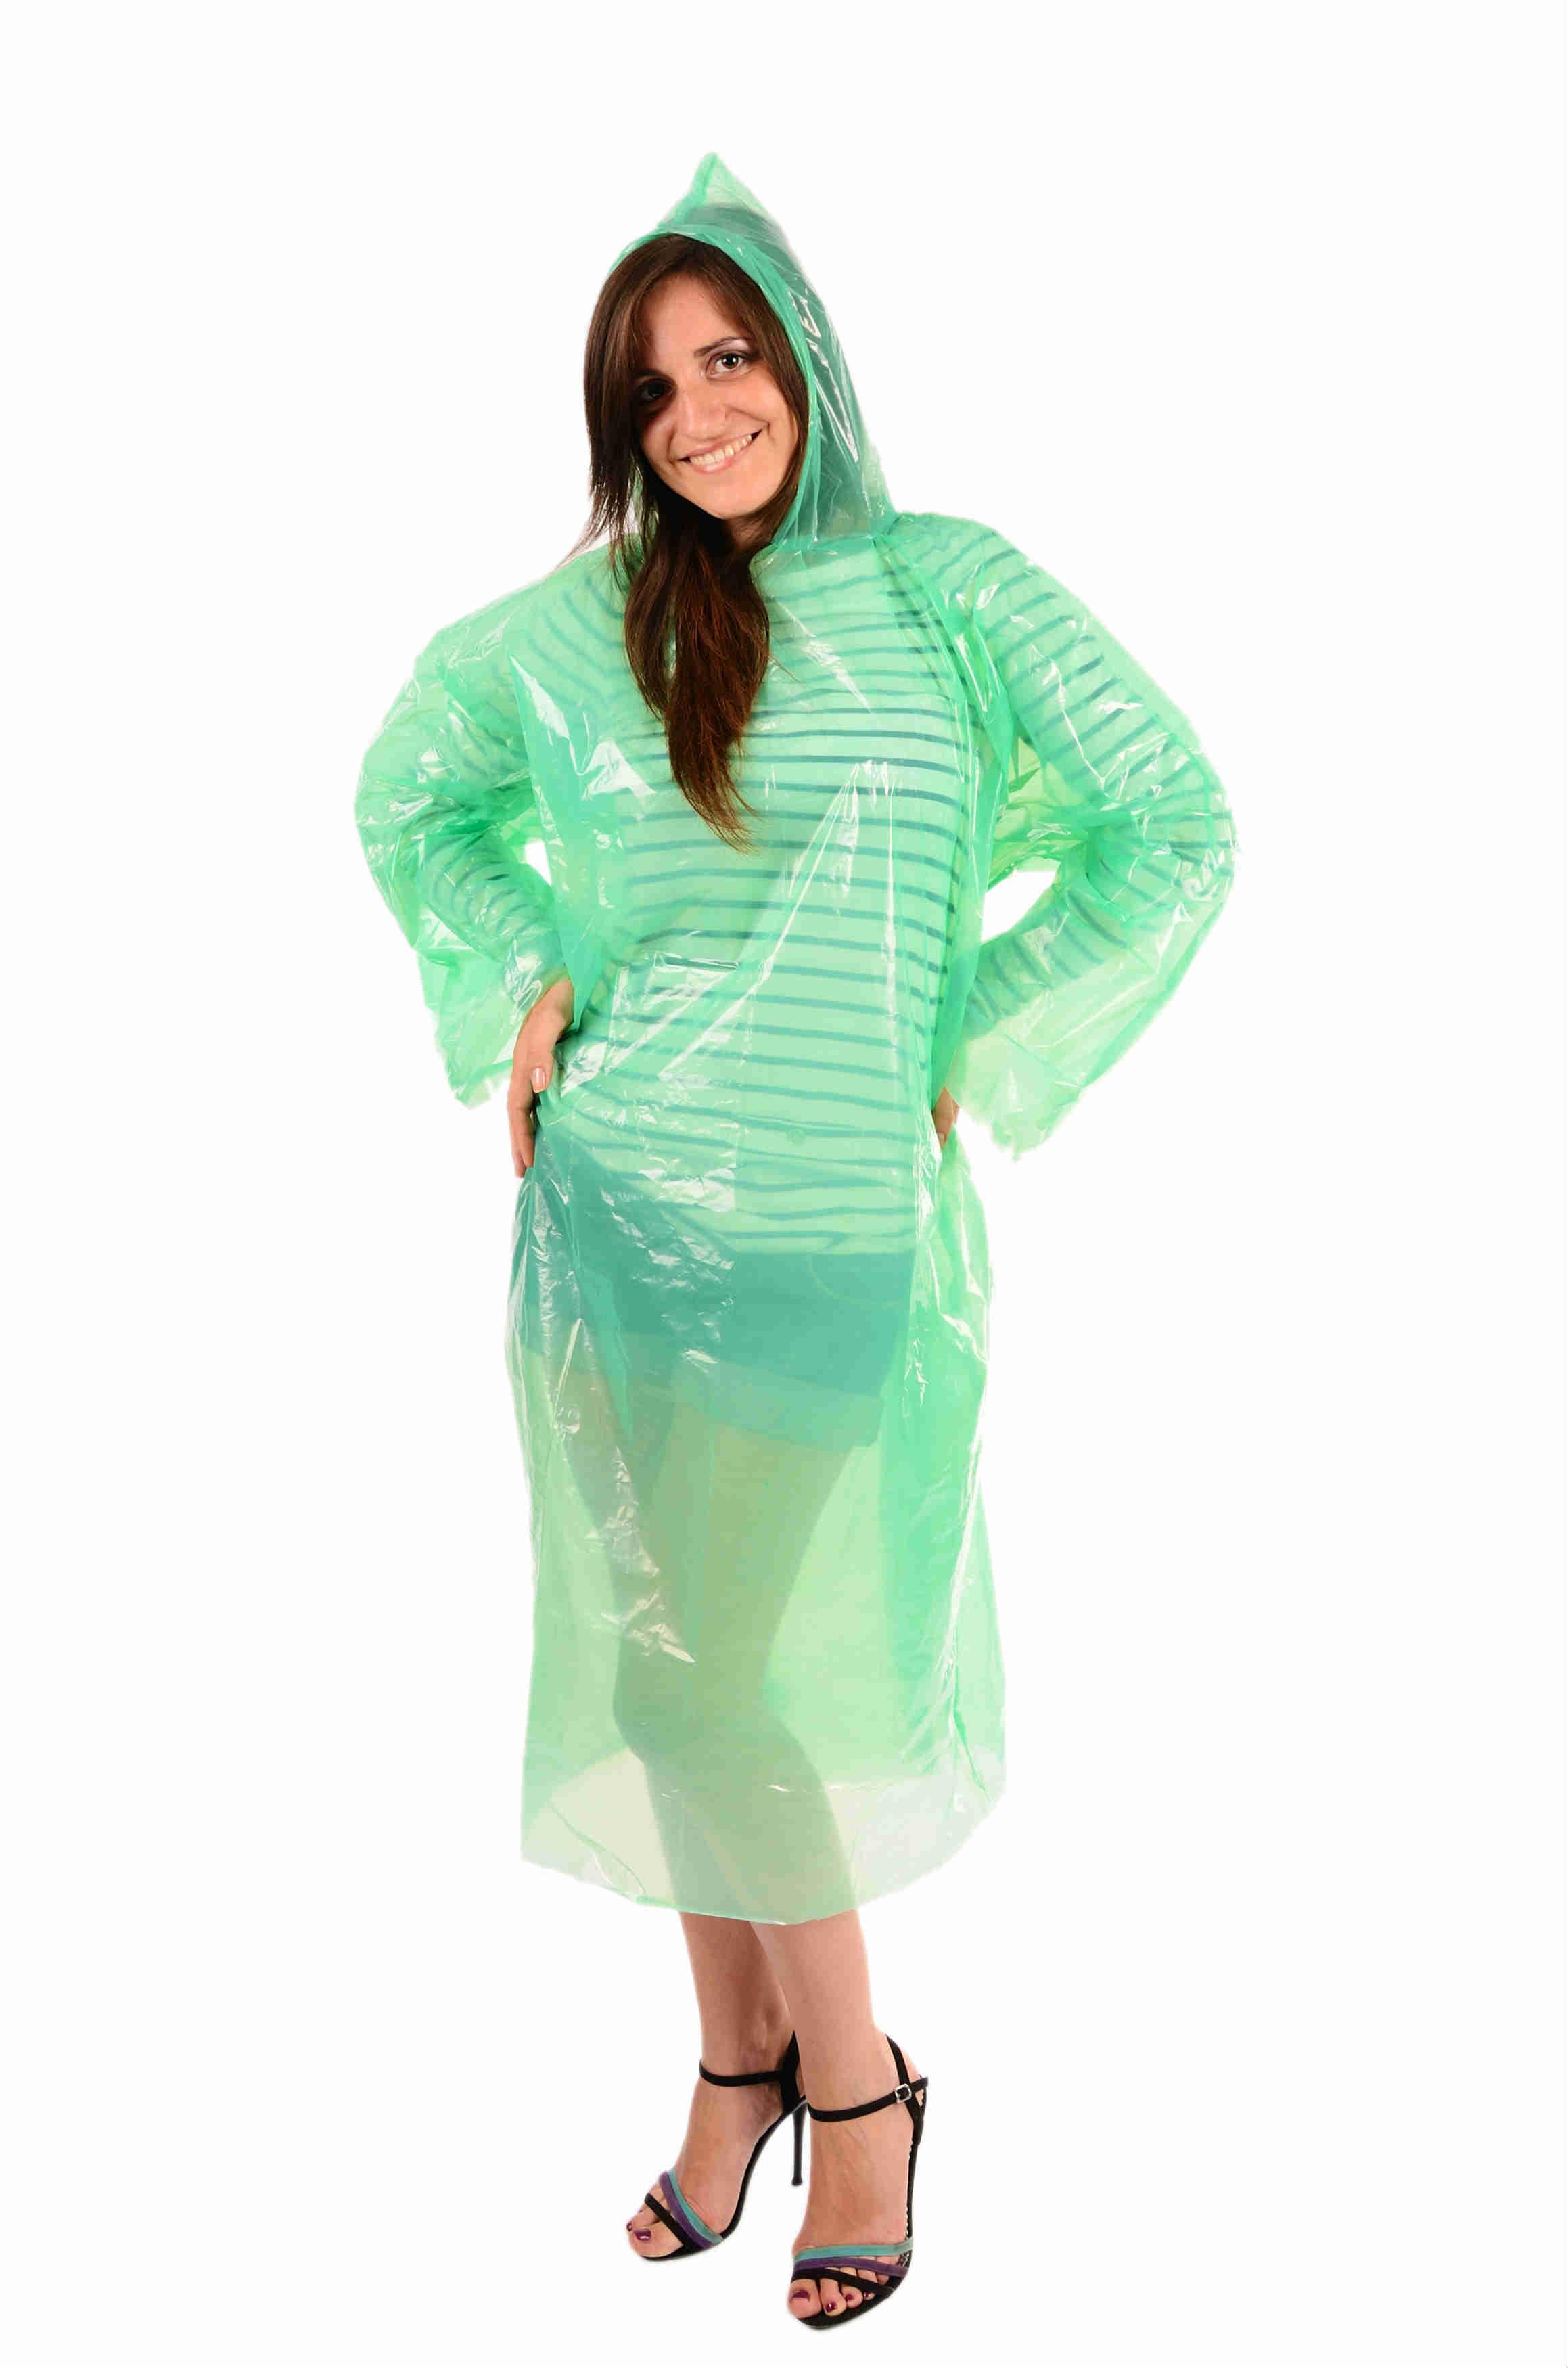 Плащ дождевик тонкий сплошной Дождевик одевается через голову, с длинными рукавами и капюшоном. Отличны